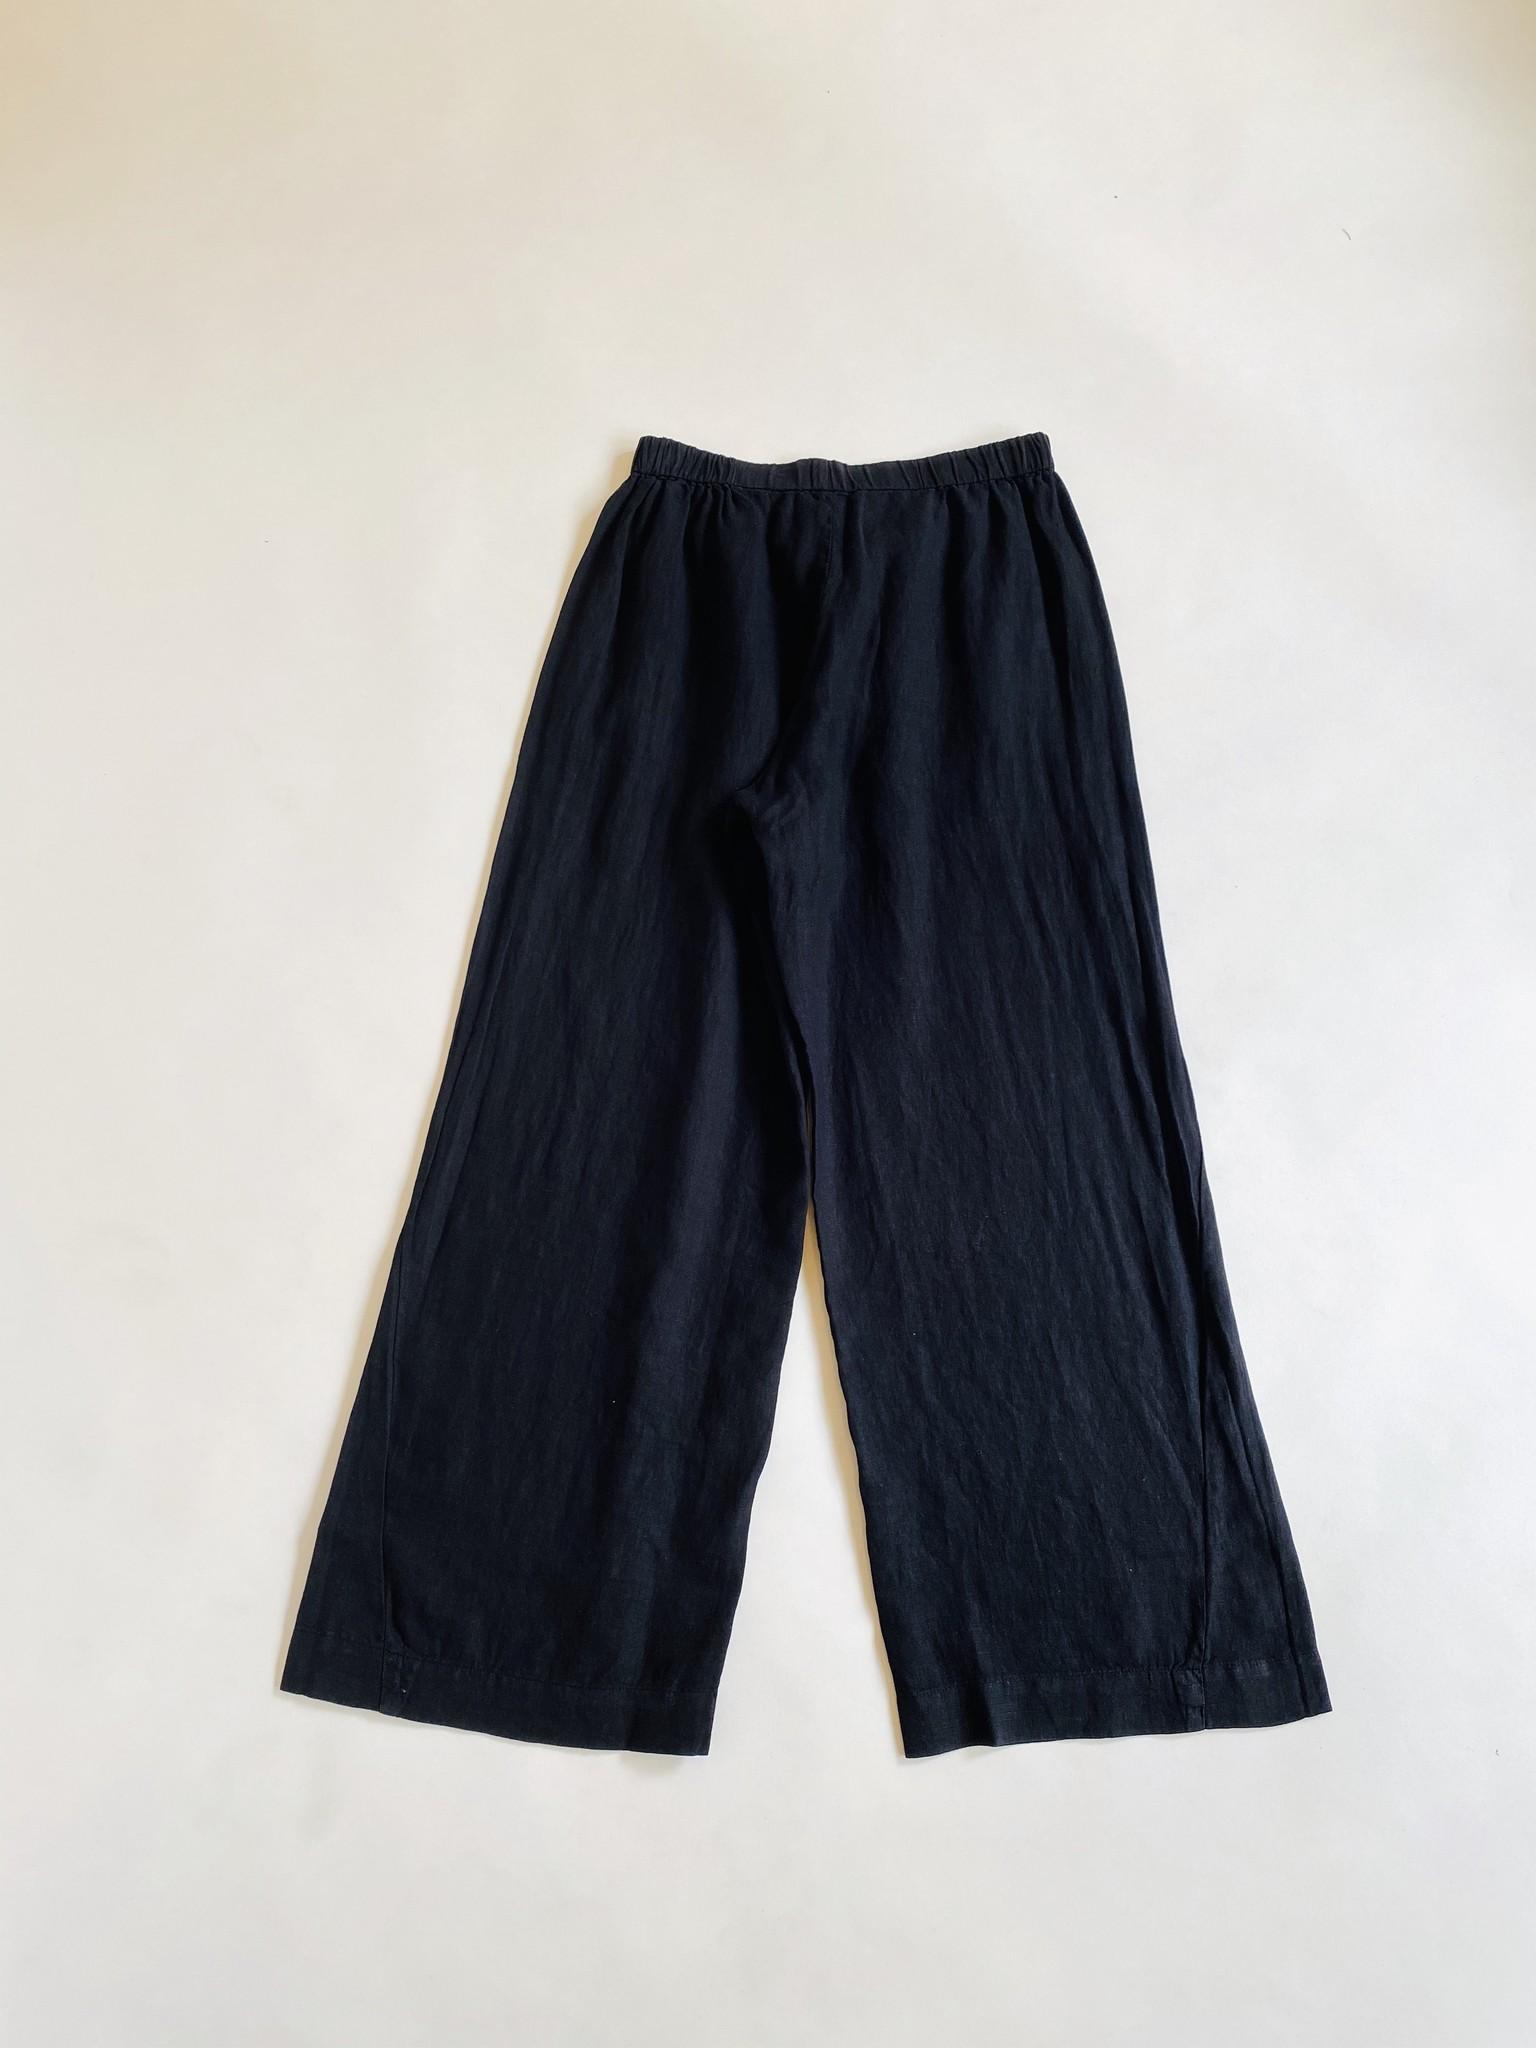 Velvet Velvet Lola Relaxed Black Linen Pants